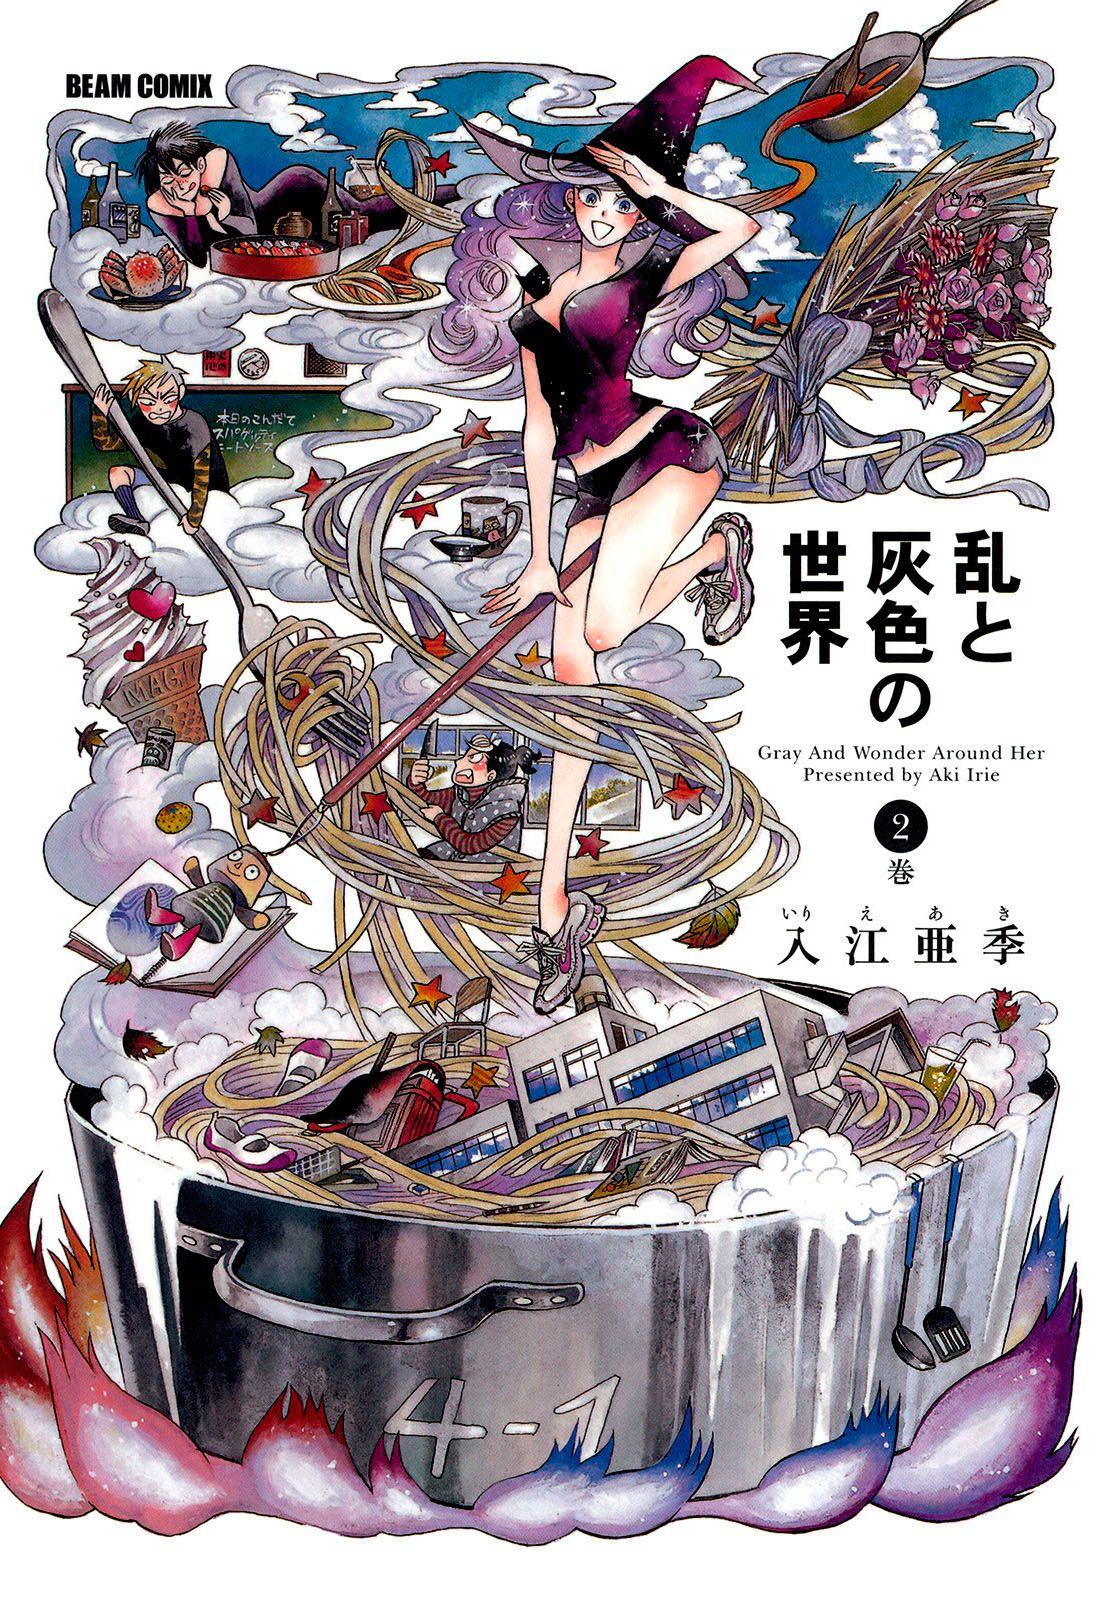 Ran to Haiiro no Sekai vol 2 ch 7 Page 1 Batoto! (With